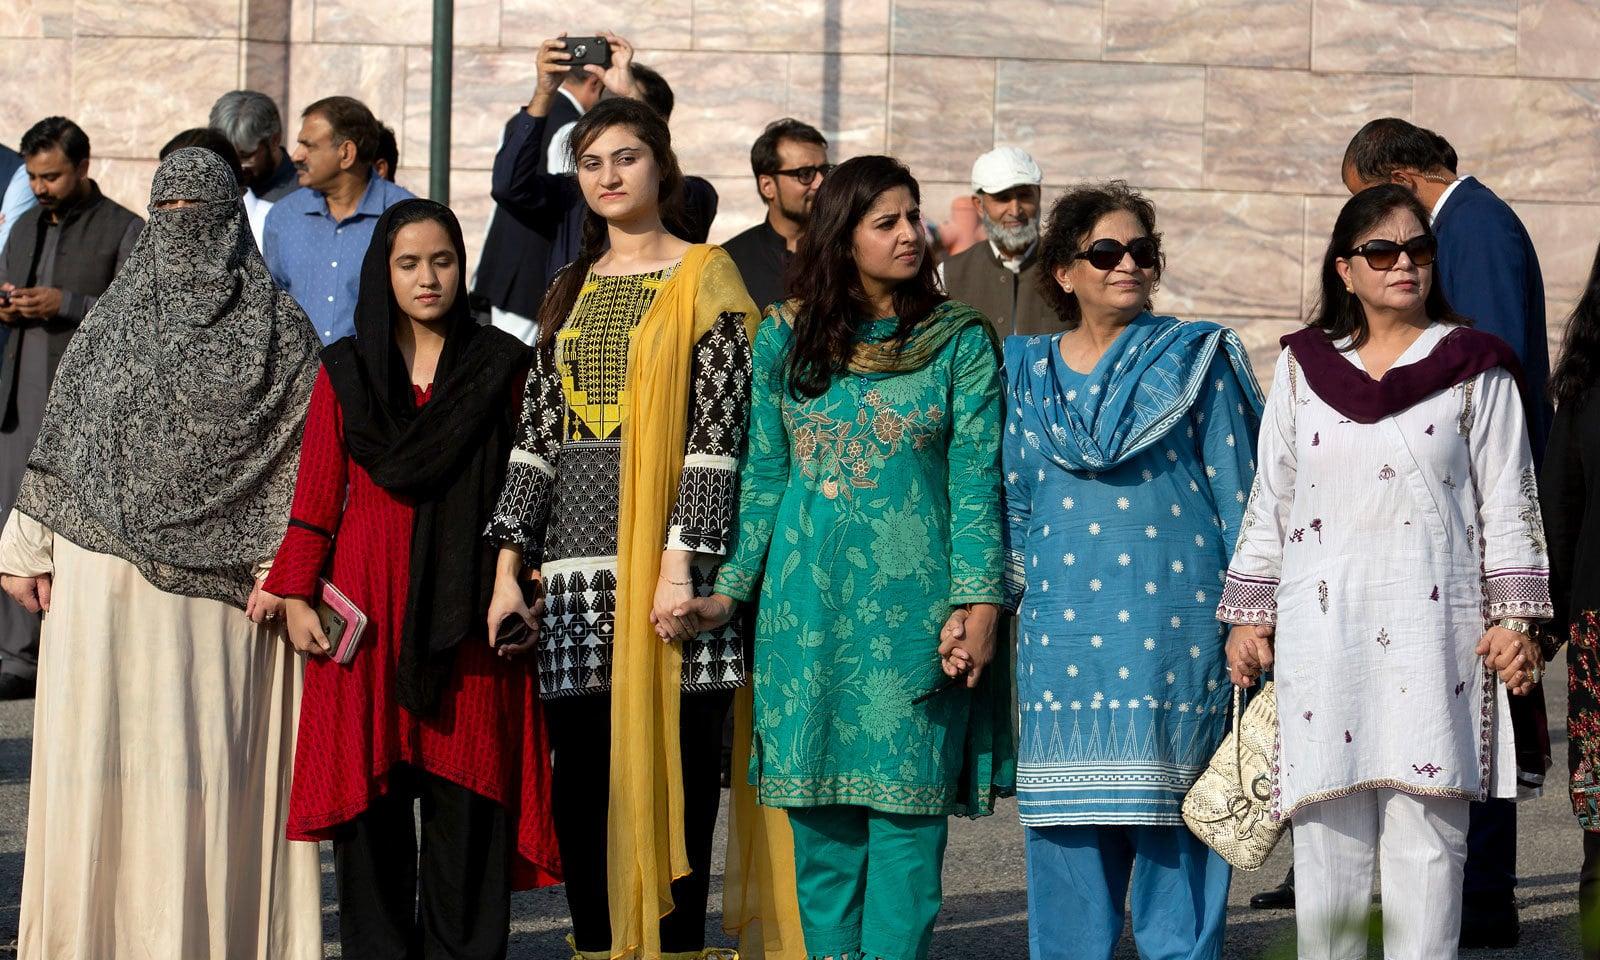 کشمیریوں سے اظہار یکجہتی کیلئے خاتون سرکاری افسران نے بھی ہاتھوں کی زنجیر بنائی — فوٹو: اے پی